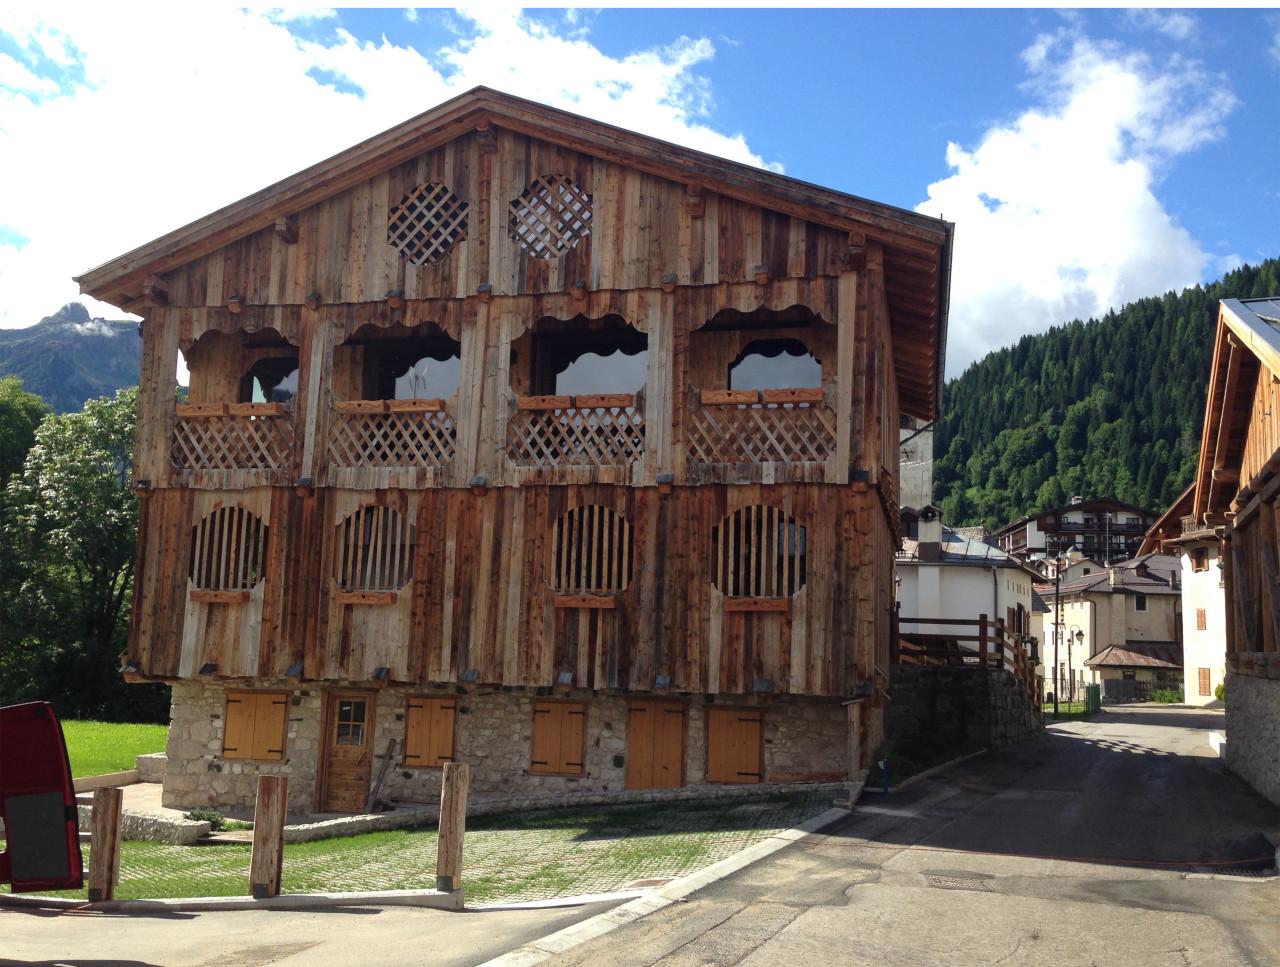 Progetto di ristrutturazionefabbricati rurali in loc. Mareson di Val di Zoldo